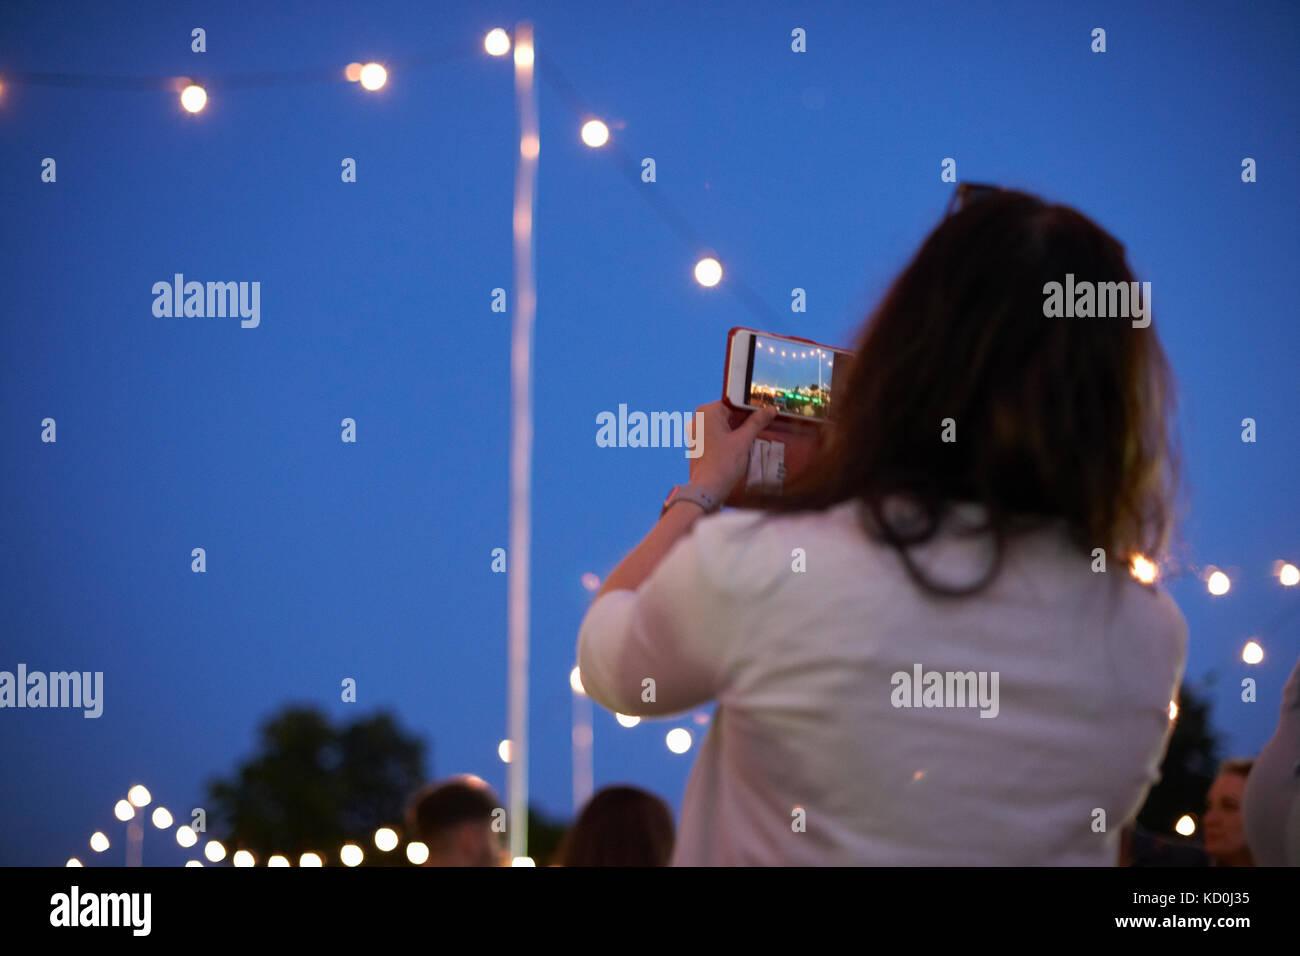 Reife Frau fotografieren blauer Himmel und Lichter in der Nacht Markt Festival in Park, London, UK Stockbild